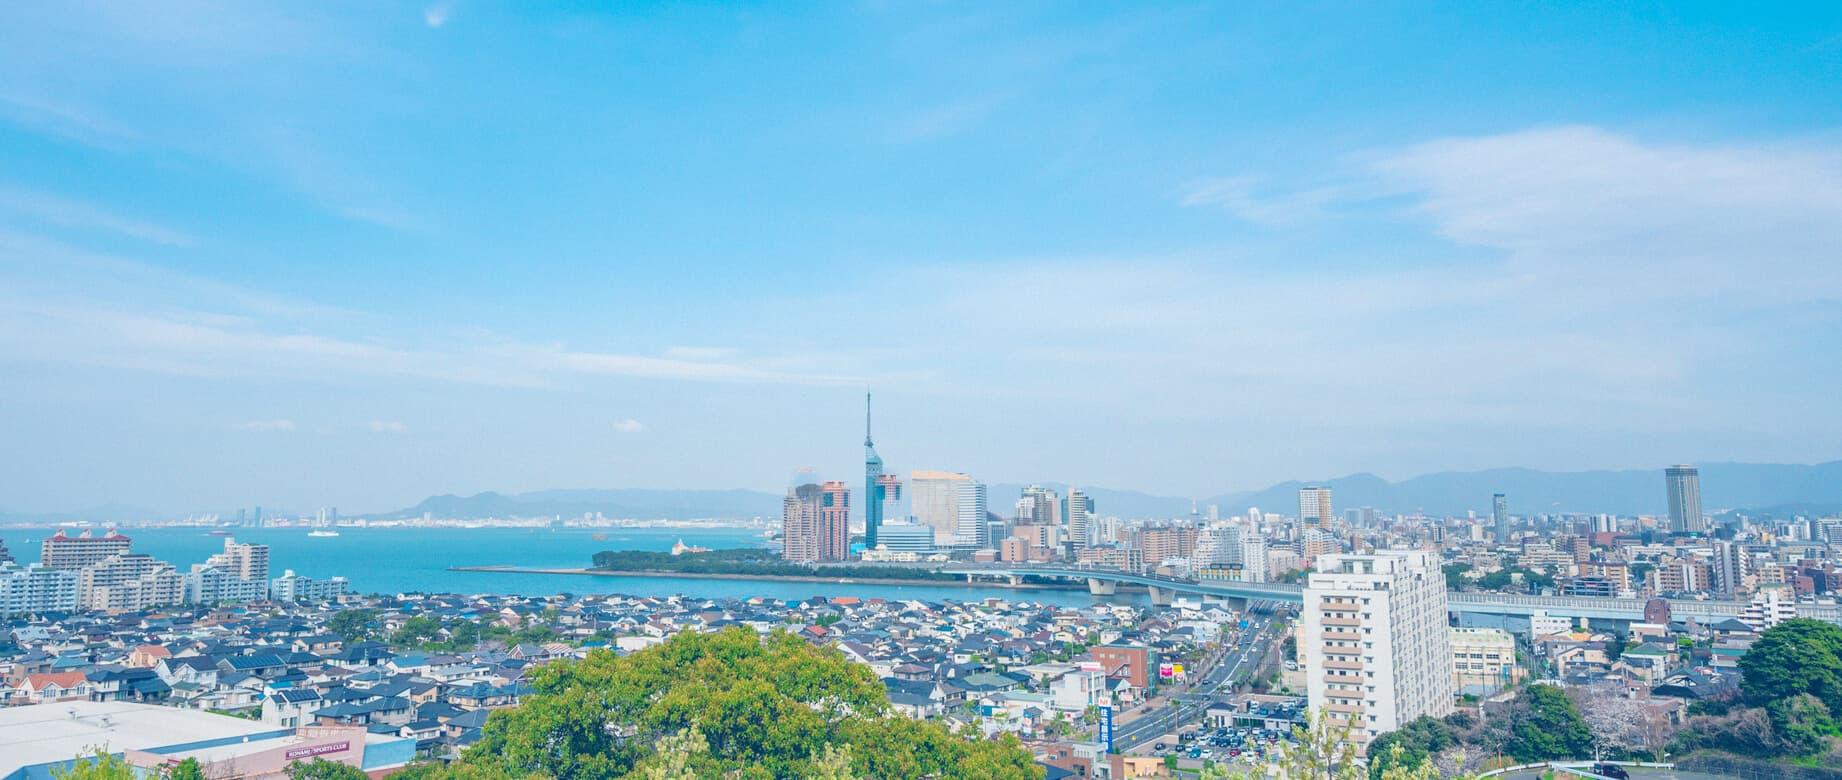 福岡市街地の風景